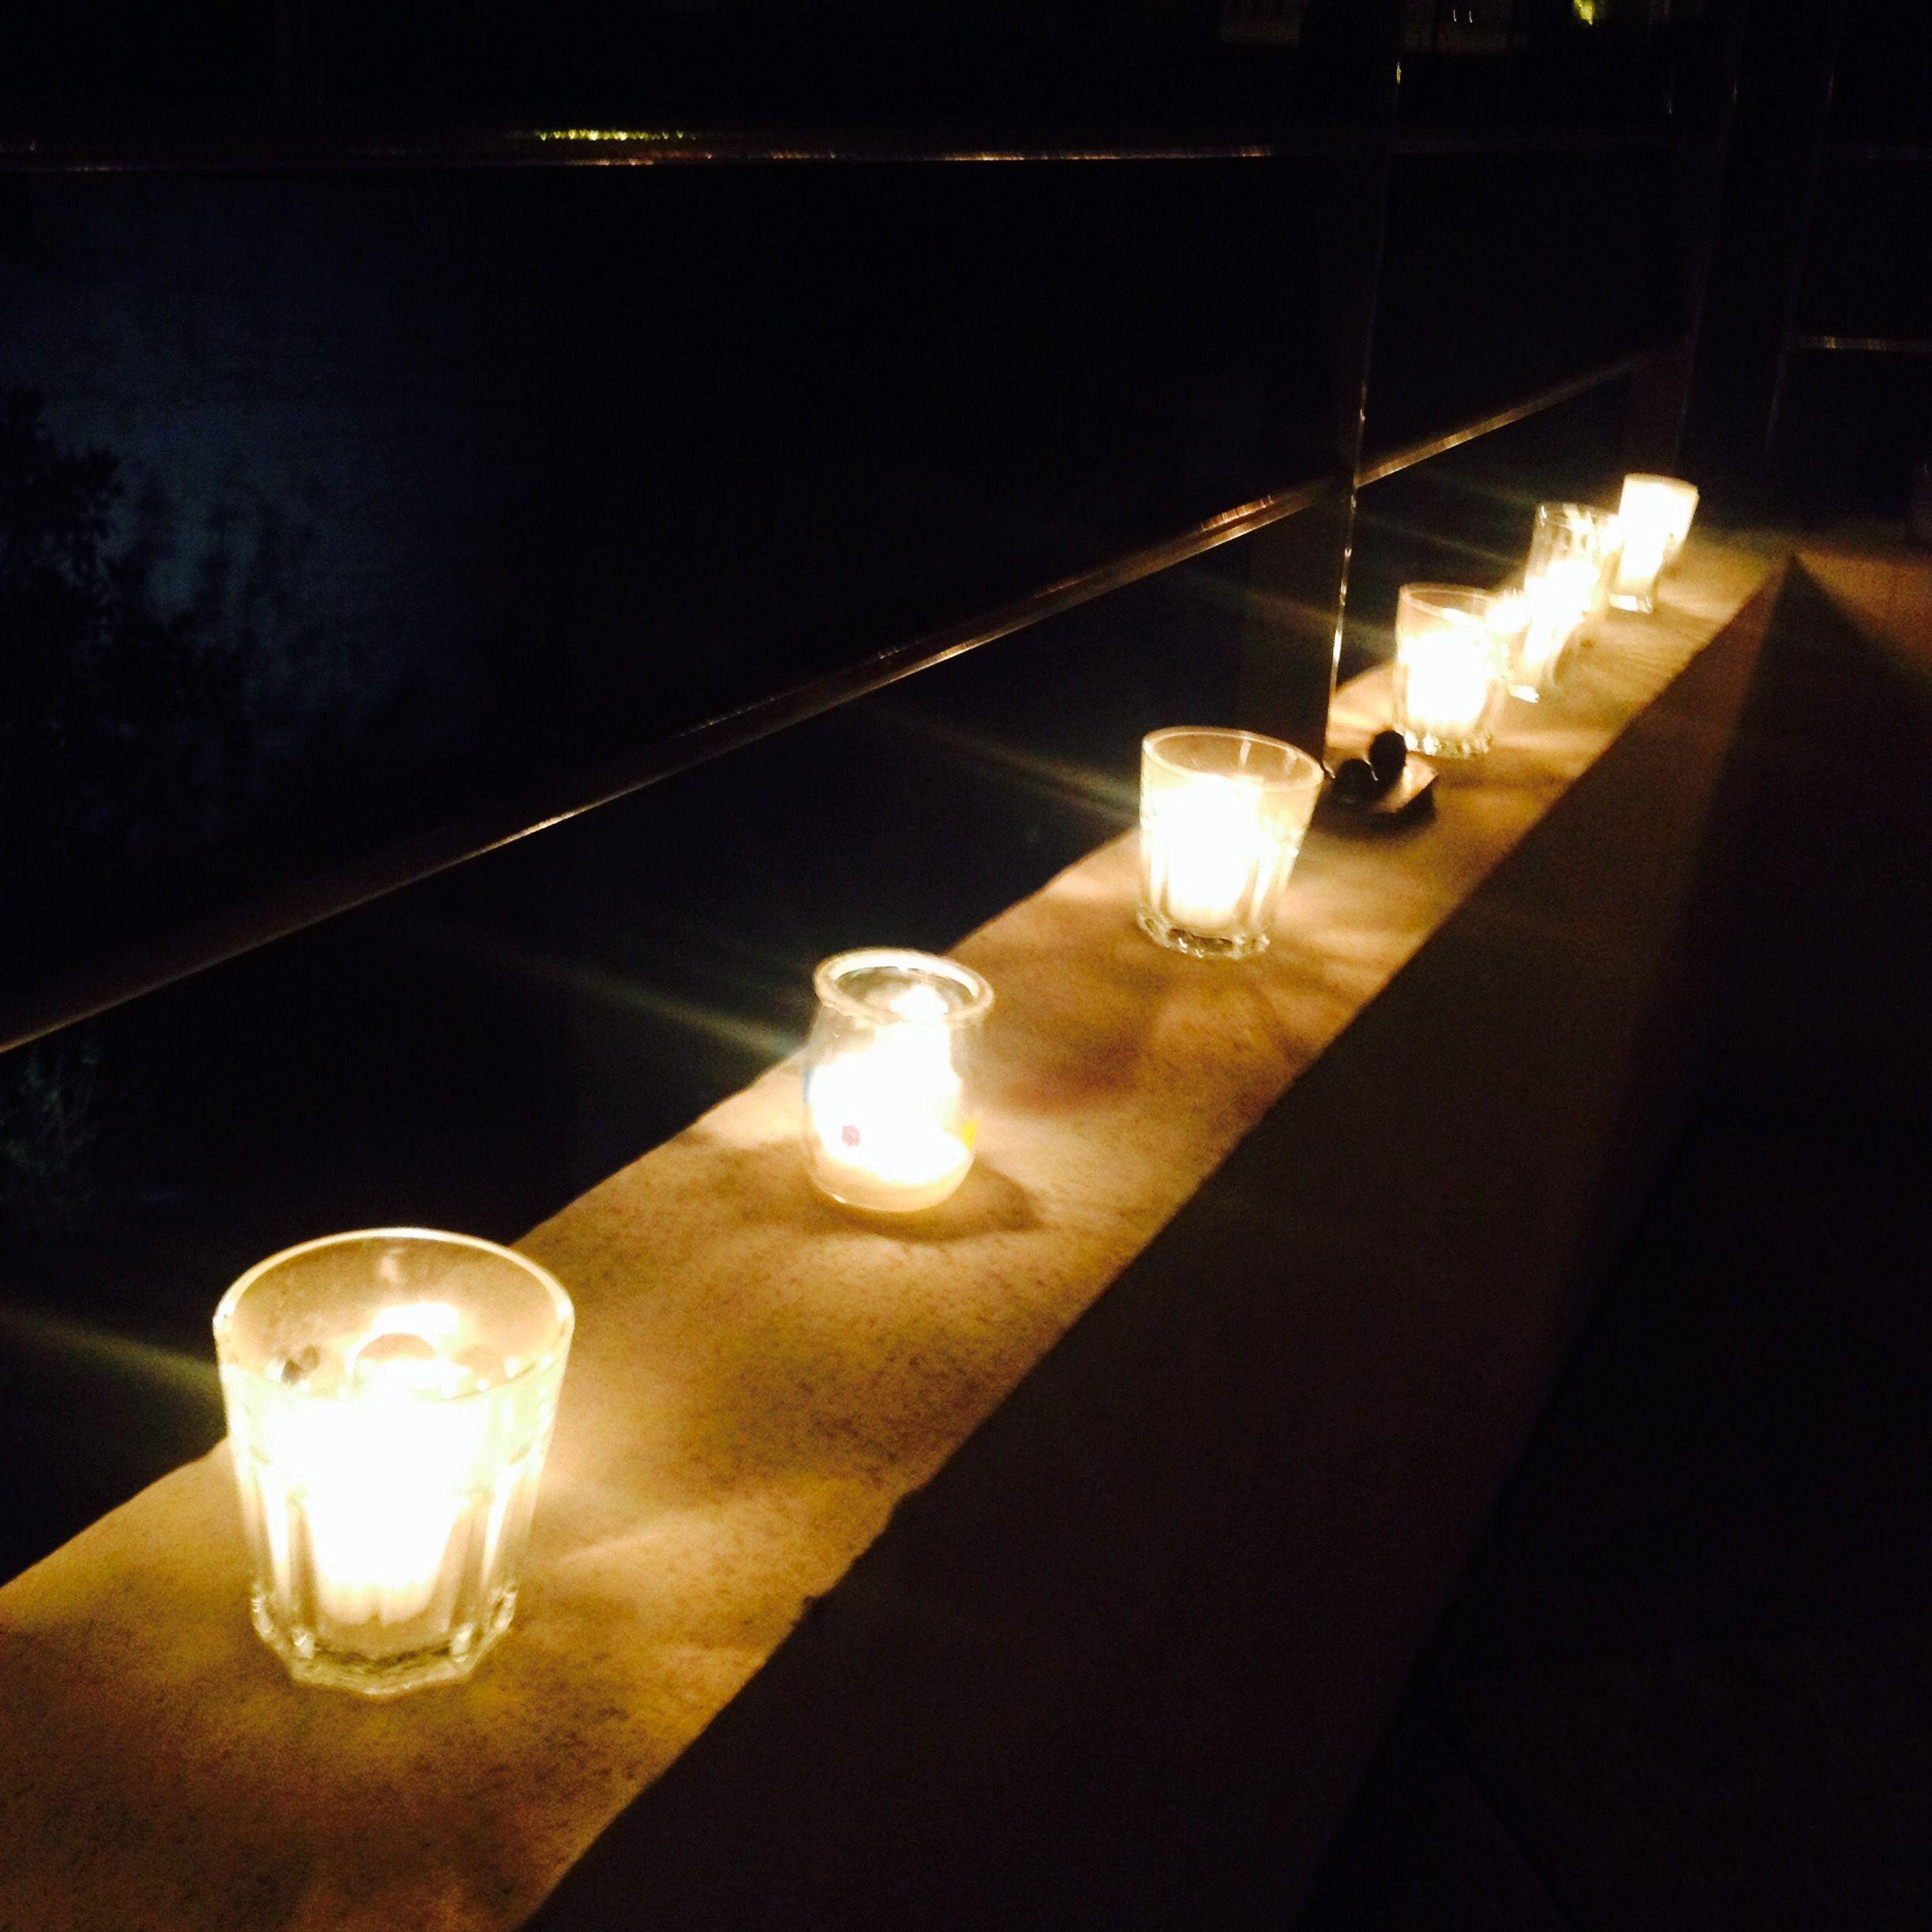 Lumières / http://millelyons.fr/les-jolis-moments-de-decembre/